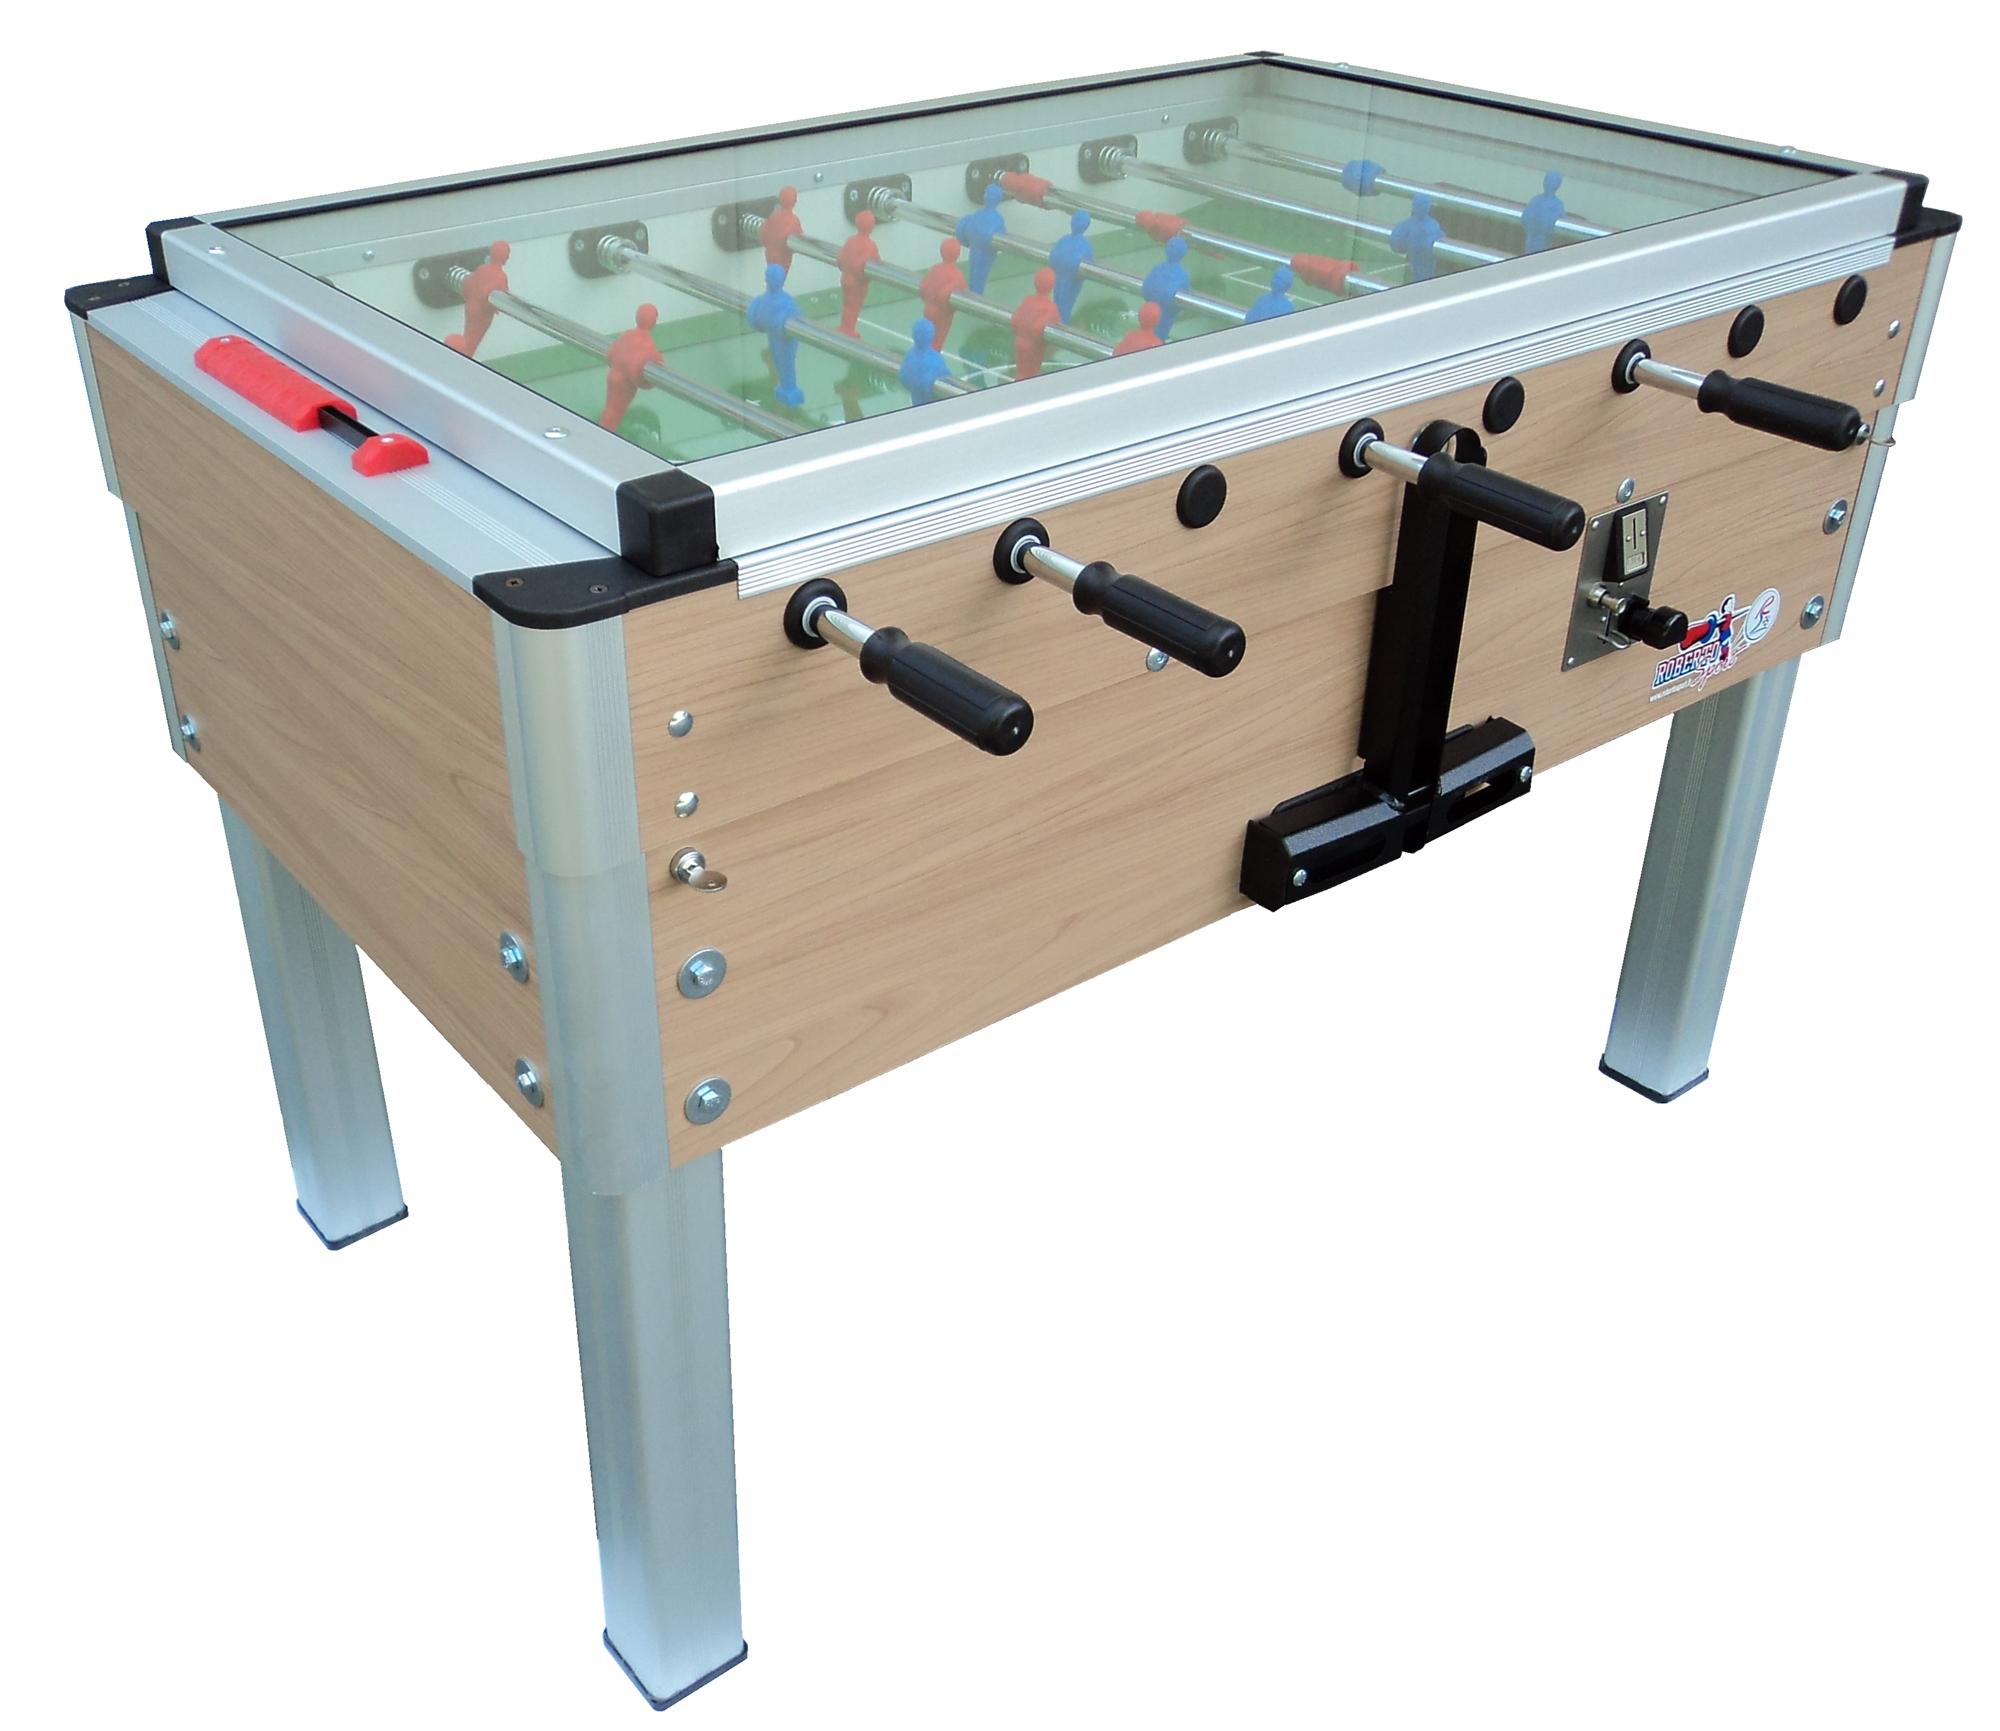 Stół do piłkarzyków zarobkowy RS EXPORT Wood